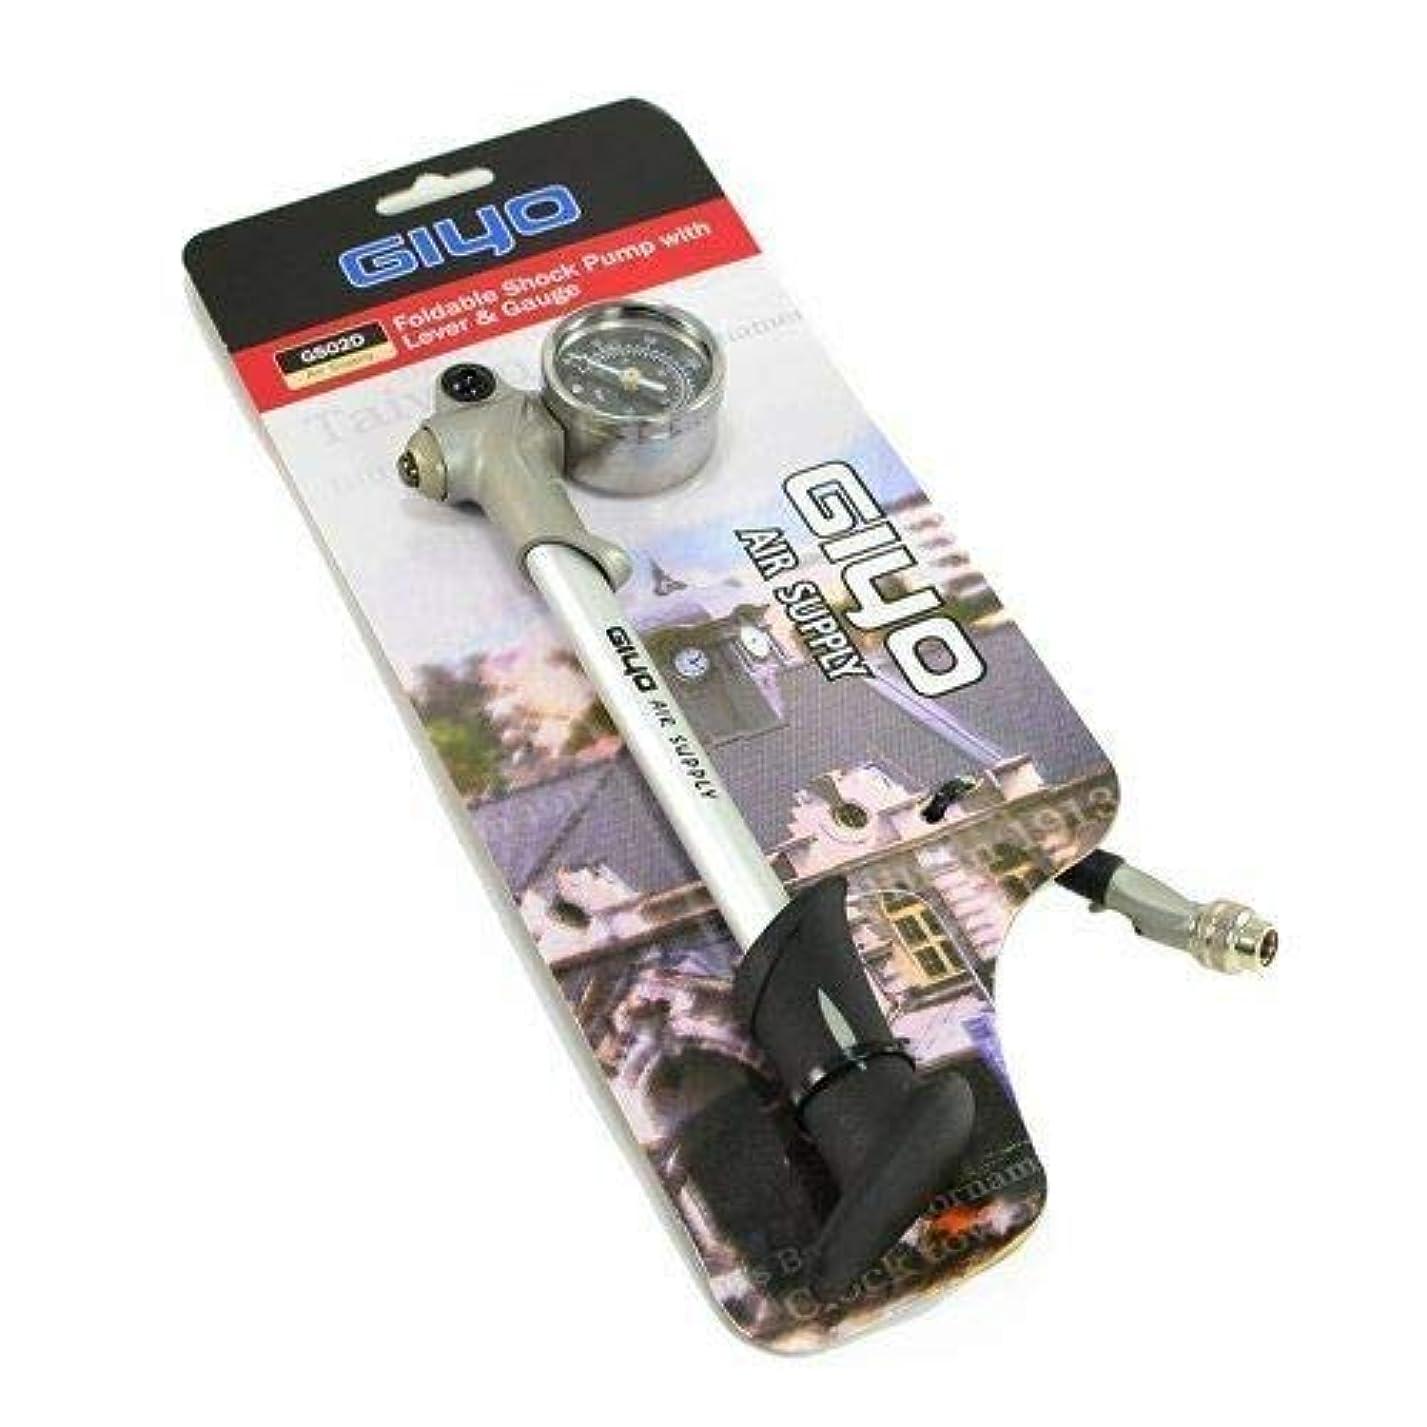 ワンダー待つ講堂GIYO GS-02D Foldable Shock Pump with Lever & Gauge #ST1006